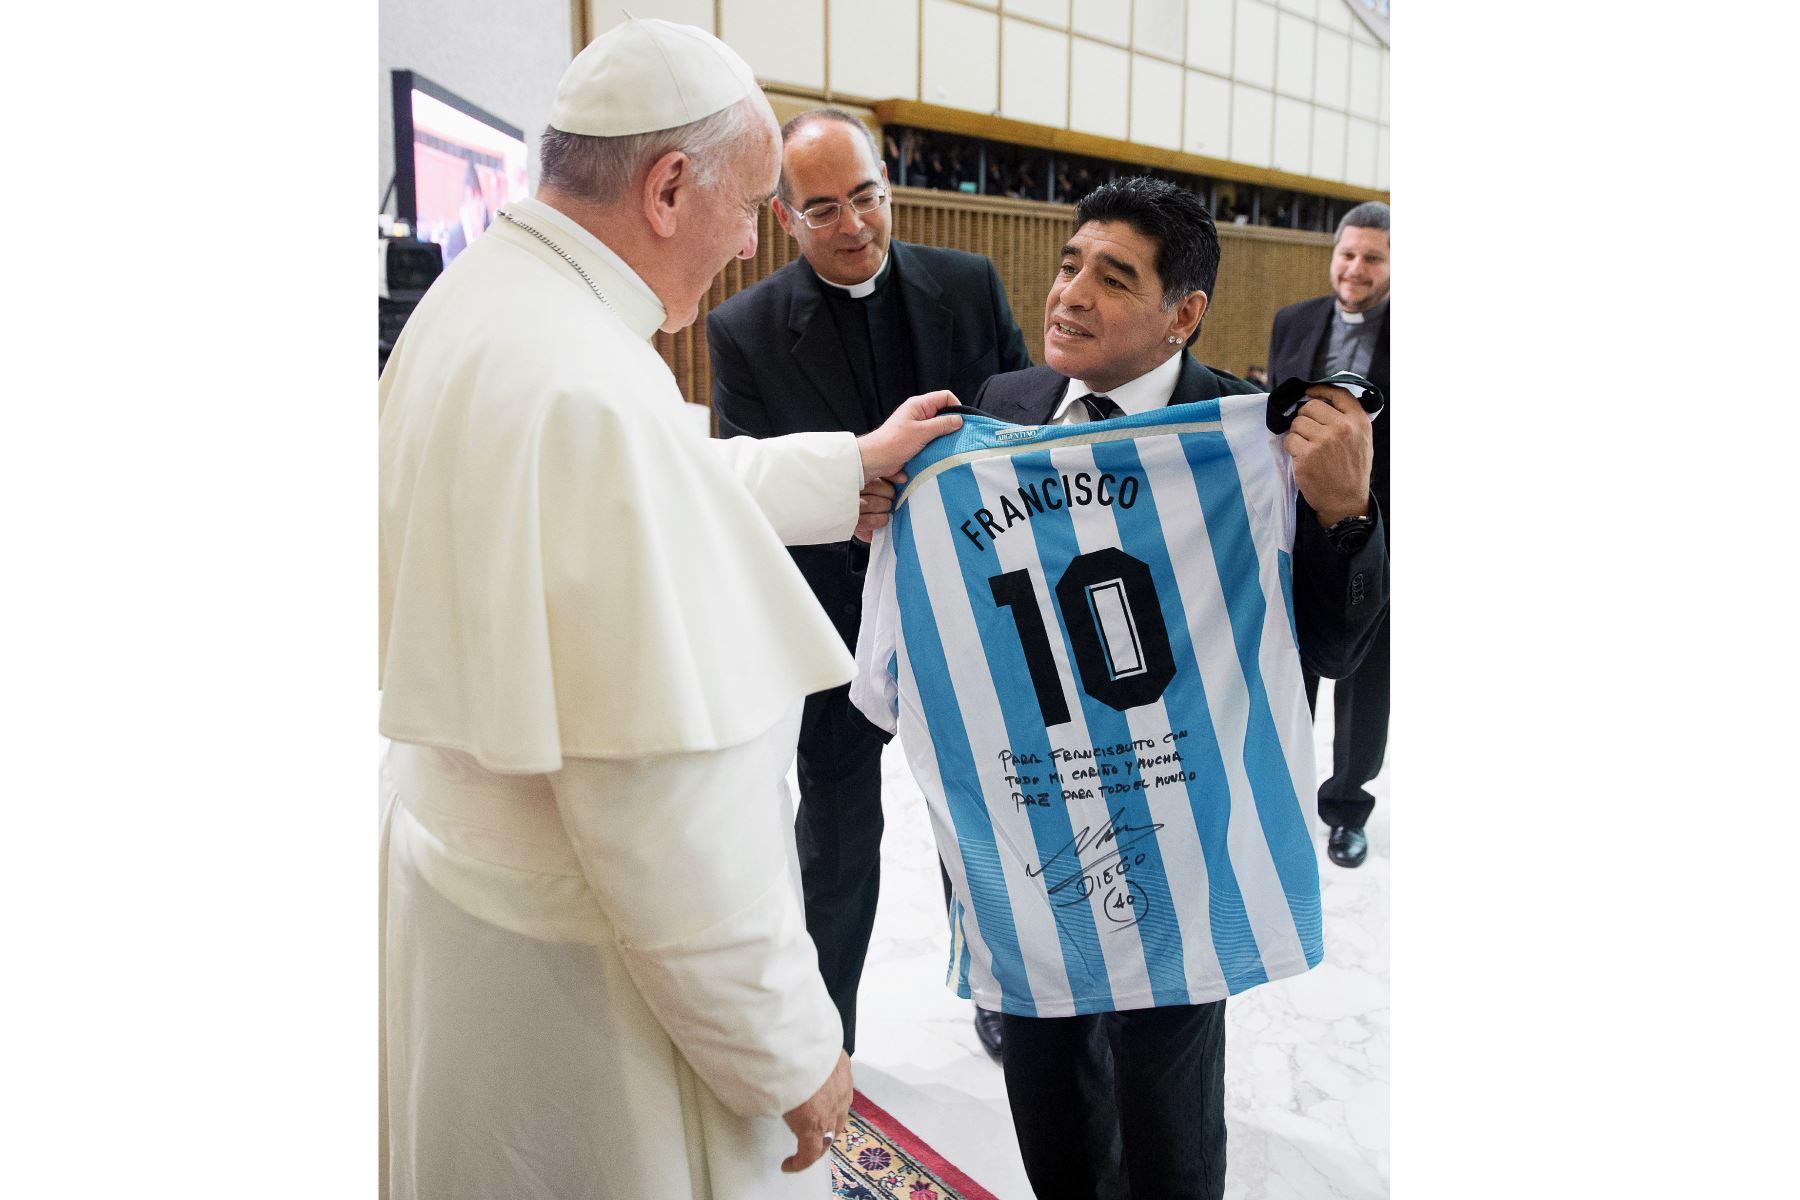 Esta fotografía tomada y publicada el 1 de septiembre de 2014 por el Osservatore Romano, la oficina de prensa del Vaticano, muestra al exfutbolista argentino Diego Armando Maradona presentando una camiseta personalizada de Argentina al Papa Francisco. Foto: AFP